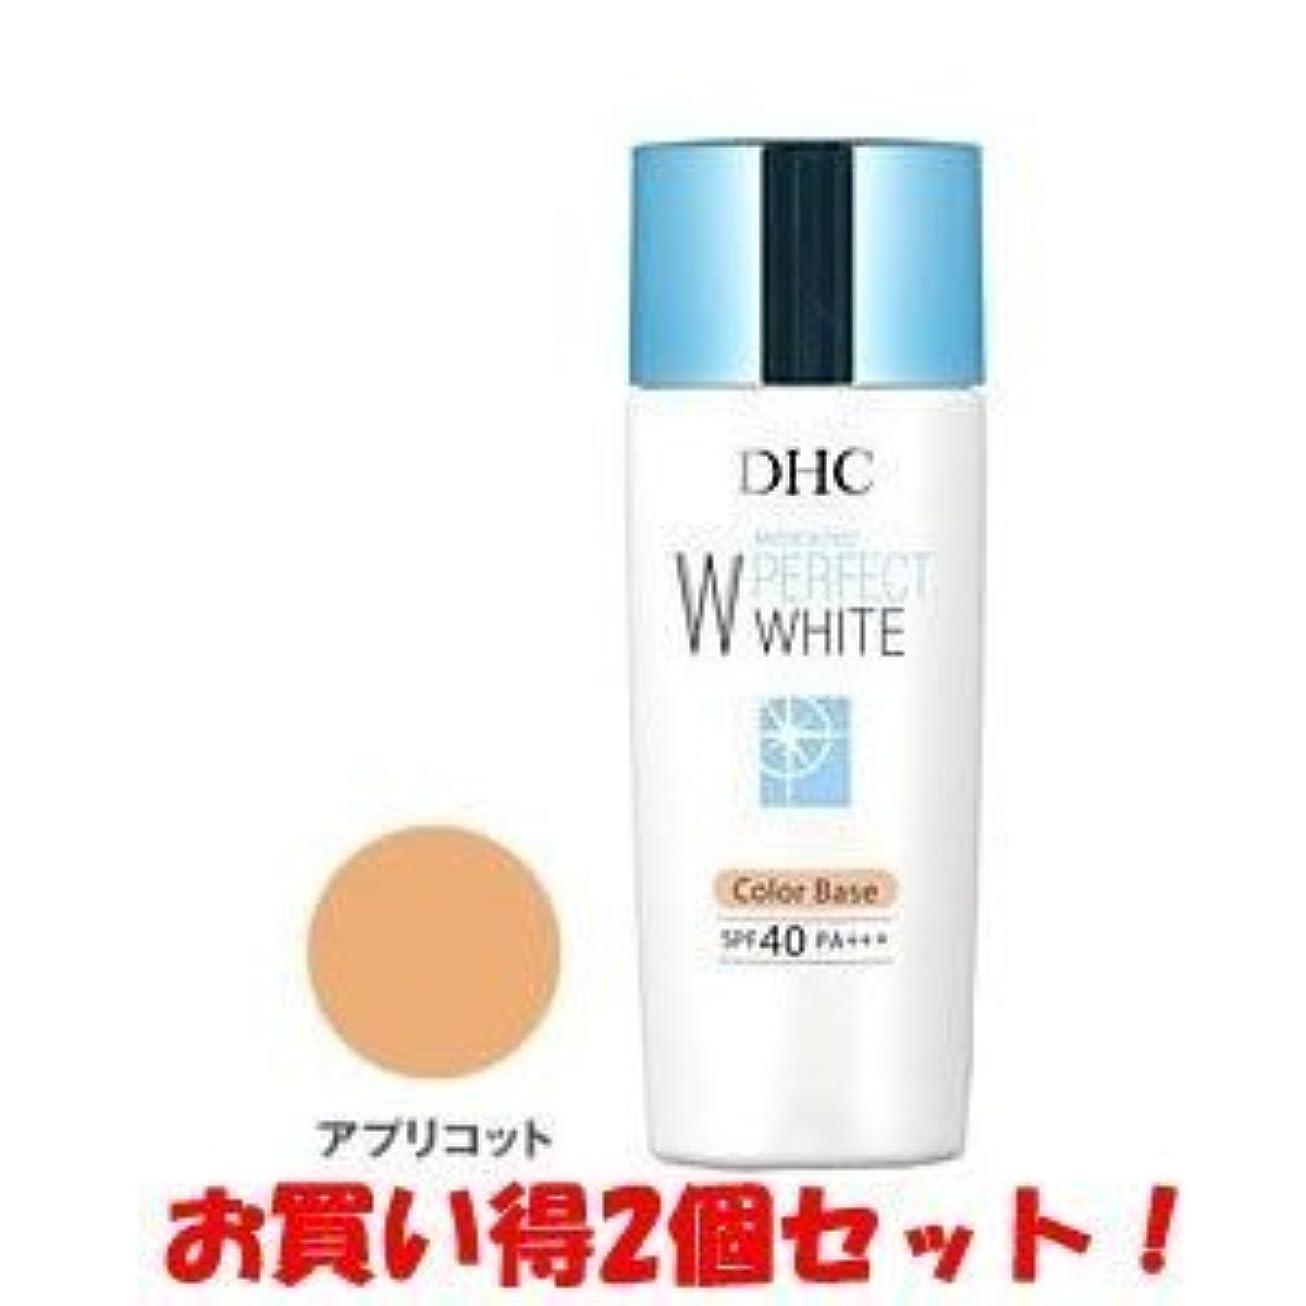 アルミニウム問い合わせる検証DHC 薬用パーフェクトホワイト カラーベース アプリコット 30g(医薬部外品)(お買い得2個セット)